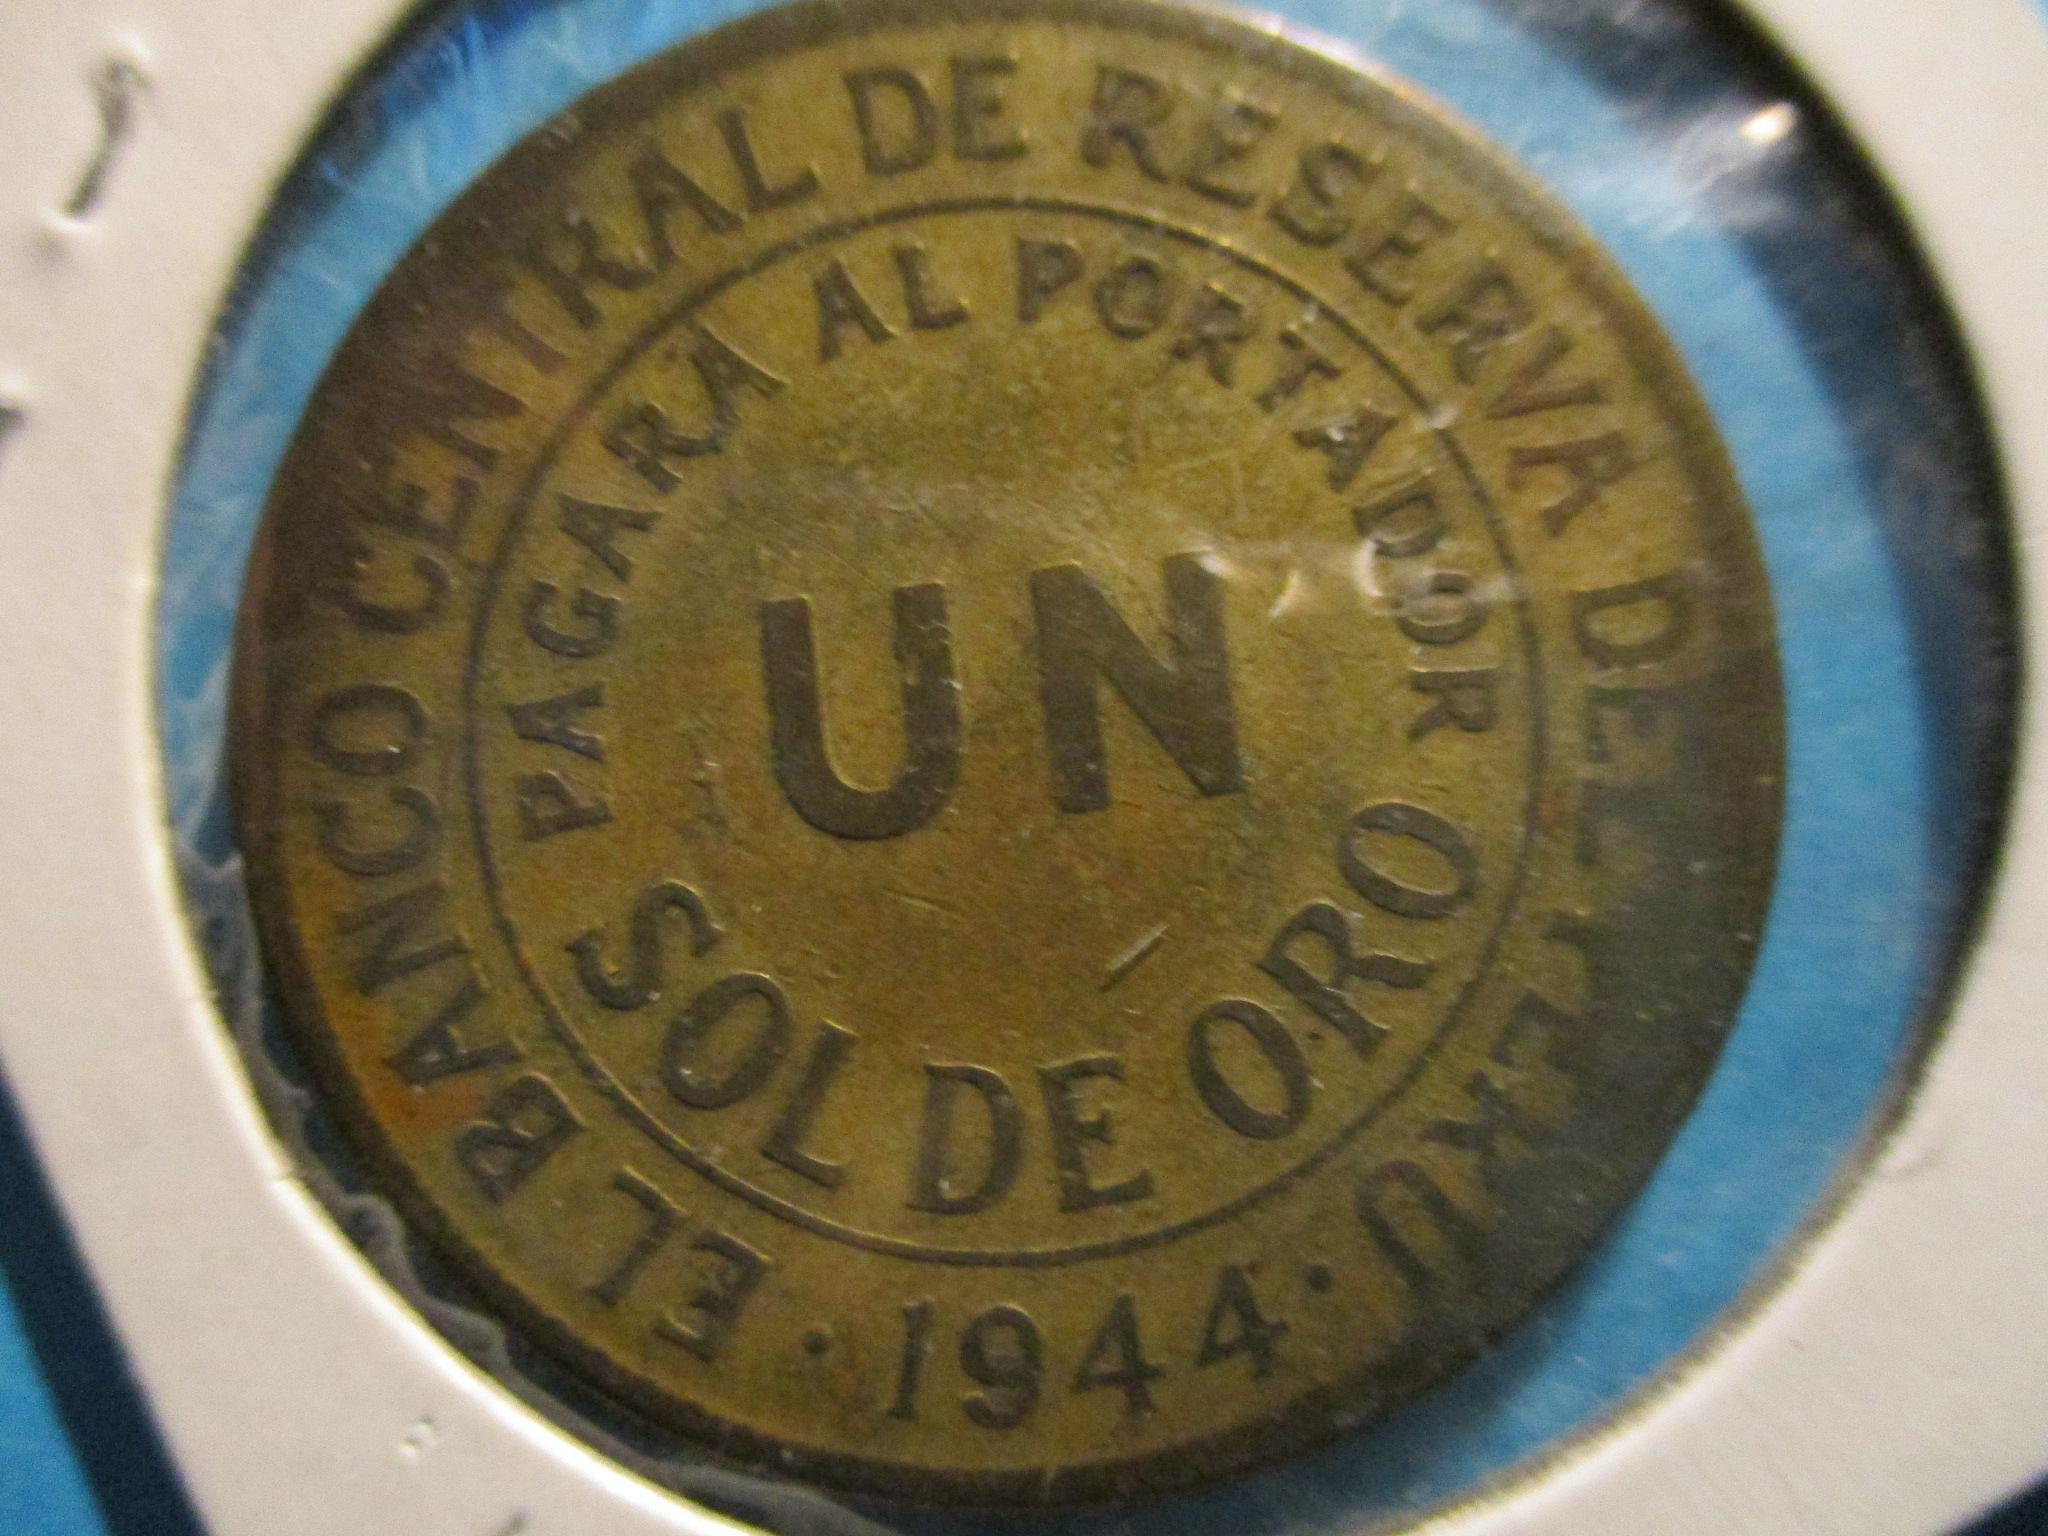 1944 Peru Token El Banco Central De Reserva Del Peru Un Sol De Oro For Sale Buy Now Online